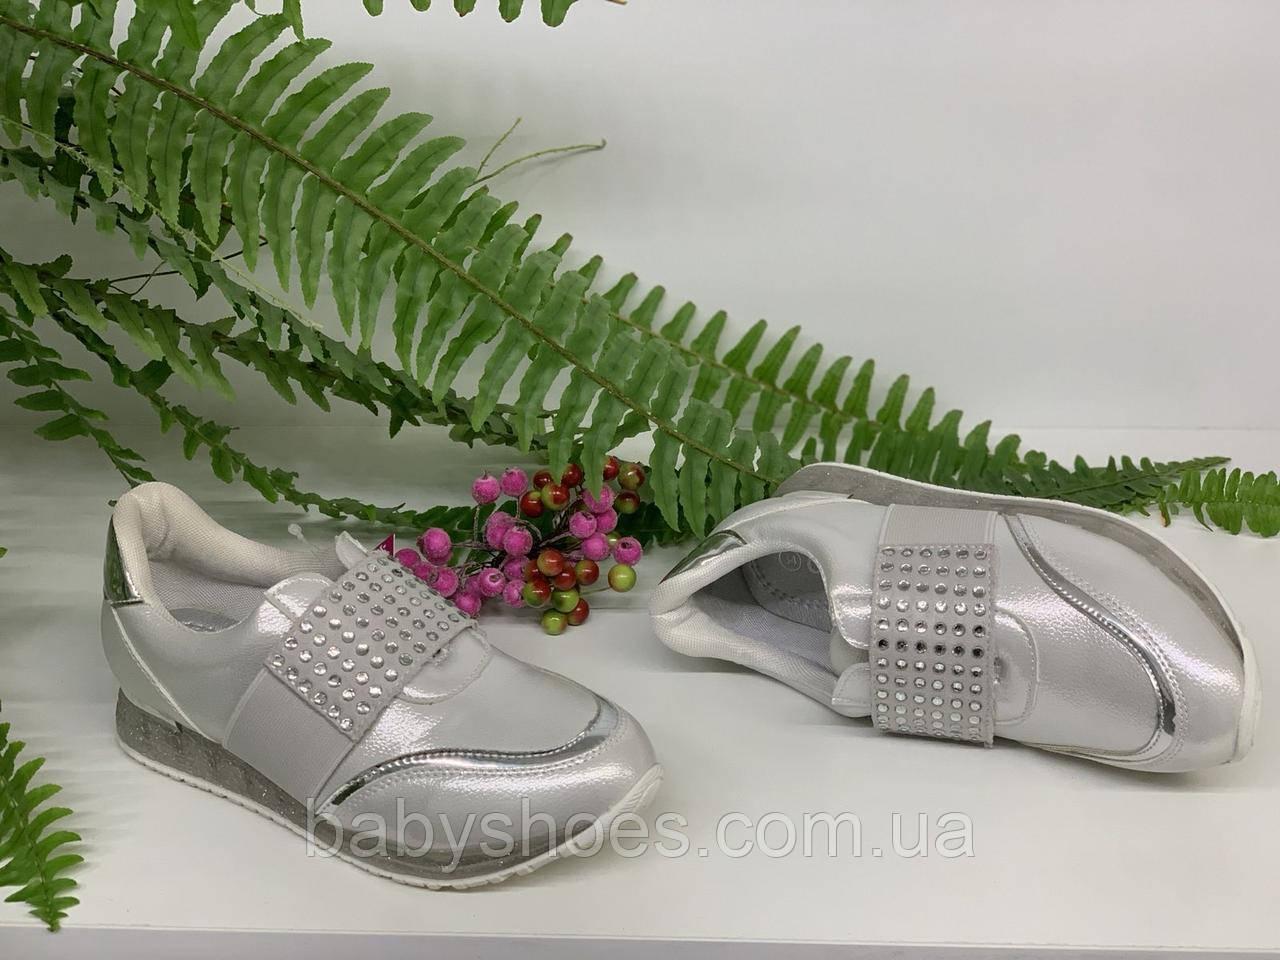 Кроссовки для девочки Солнце (Украина) р.34  КД-314